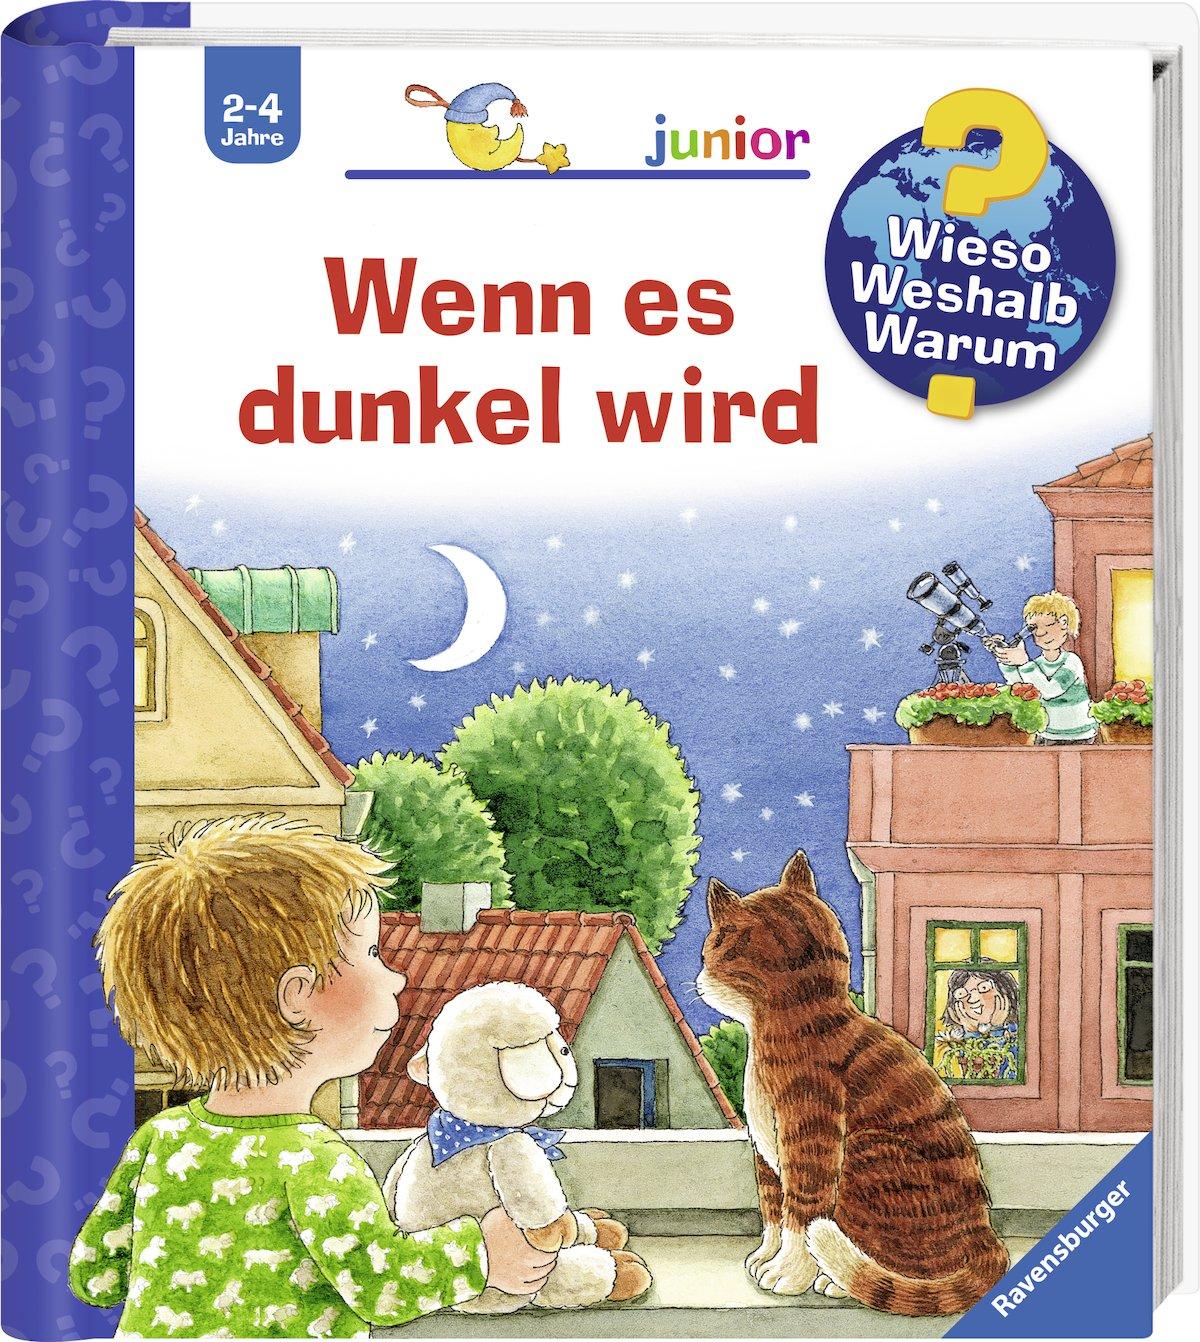 Wenn es dunkel wird (Wieso? Weshalb? Warum? junior, Band 28) Spiralbindung – 1. Februar 2009 Constanza Droop Ravensburger Buchverlag 3473328014 Ab 24 Monaten